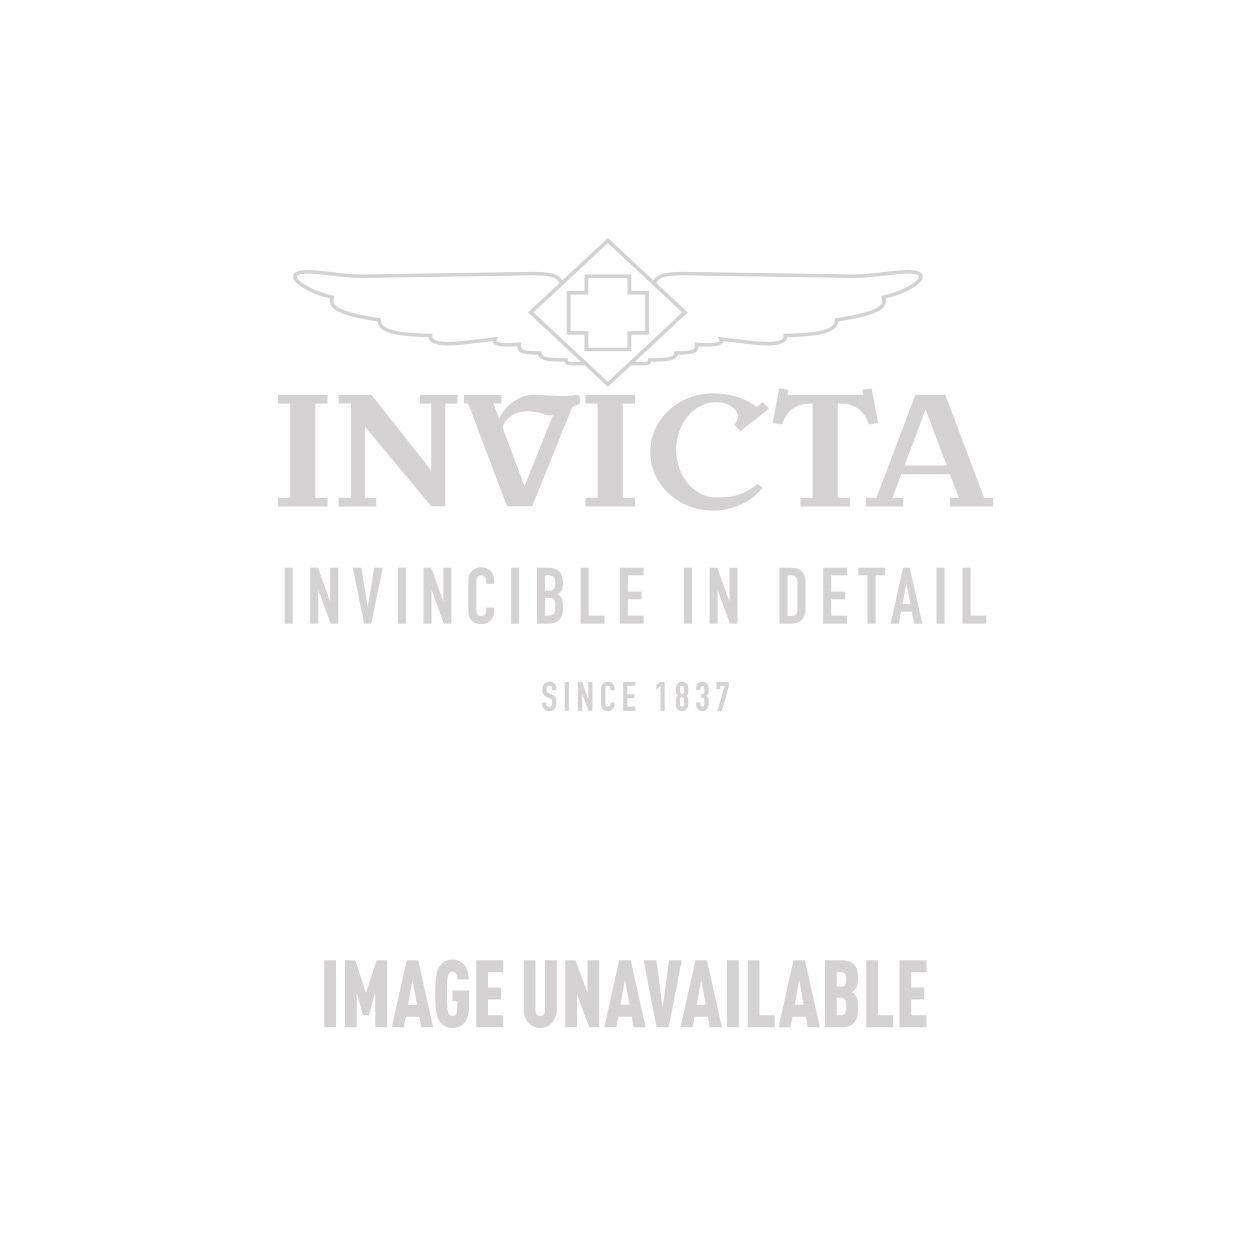 Invicta Model 25062